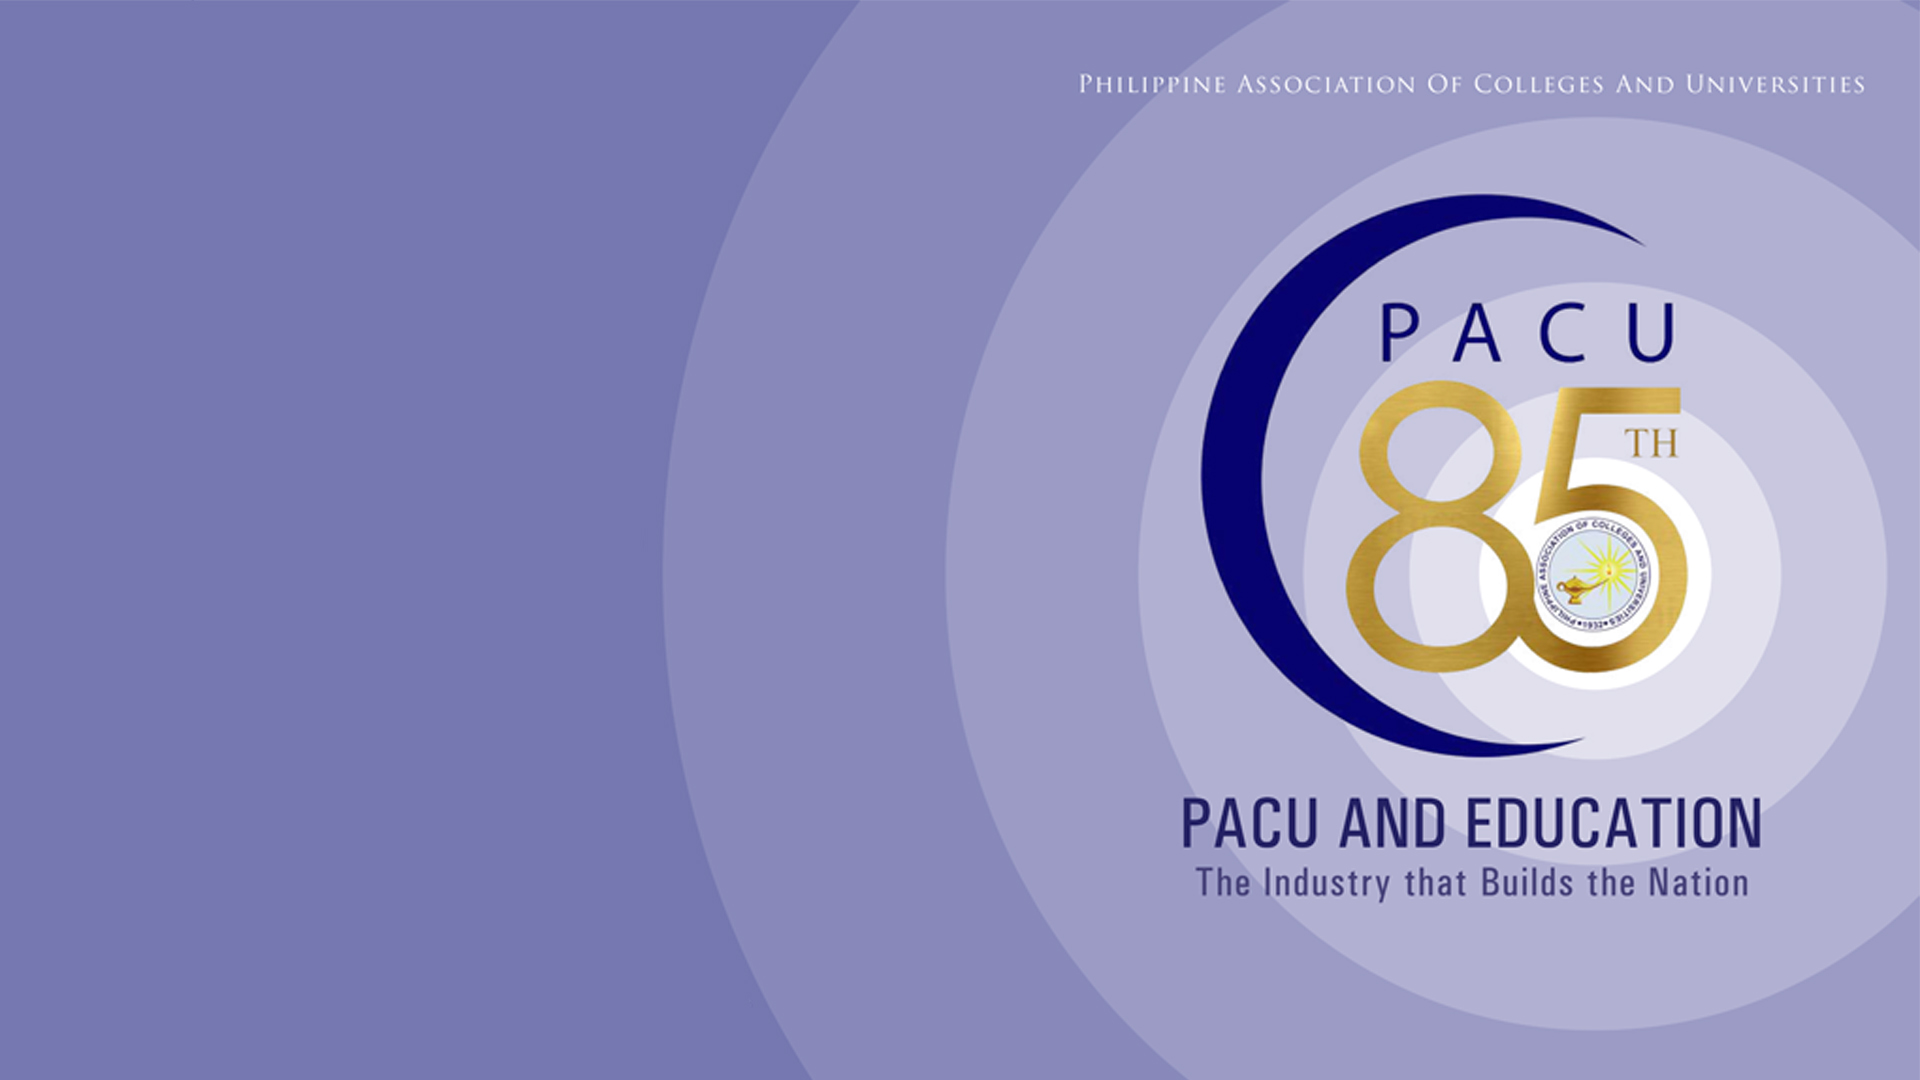 PACU's 85th Founding Anniversary